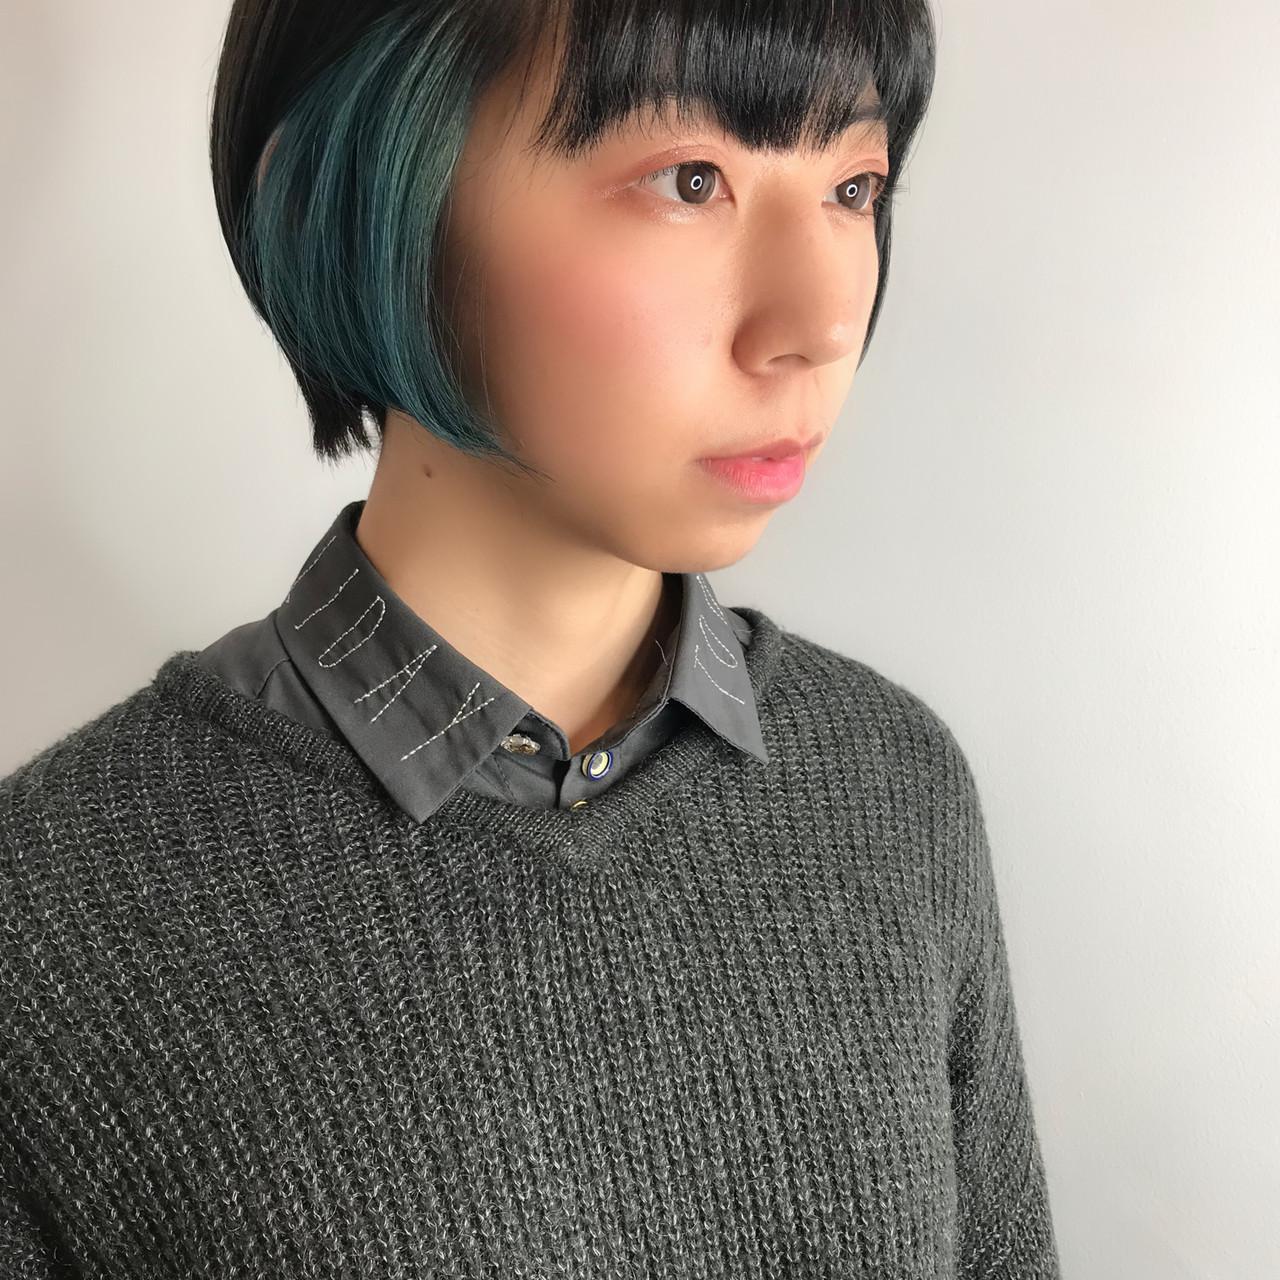 インナーブルー ターコイズブルー ストリート カラーバター ヘアスタイルや髪型の写真・画像